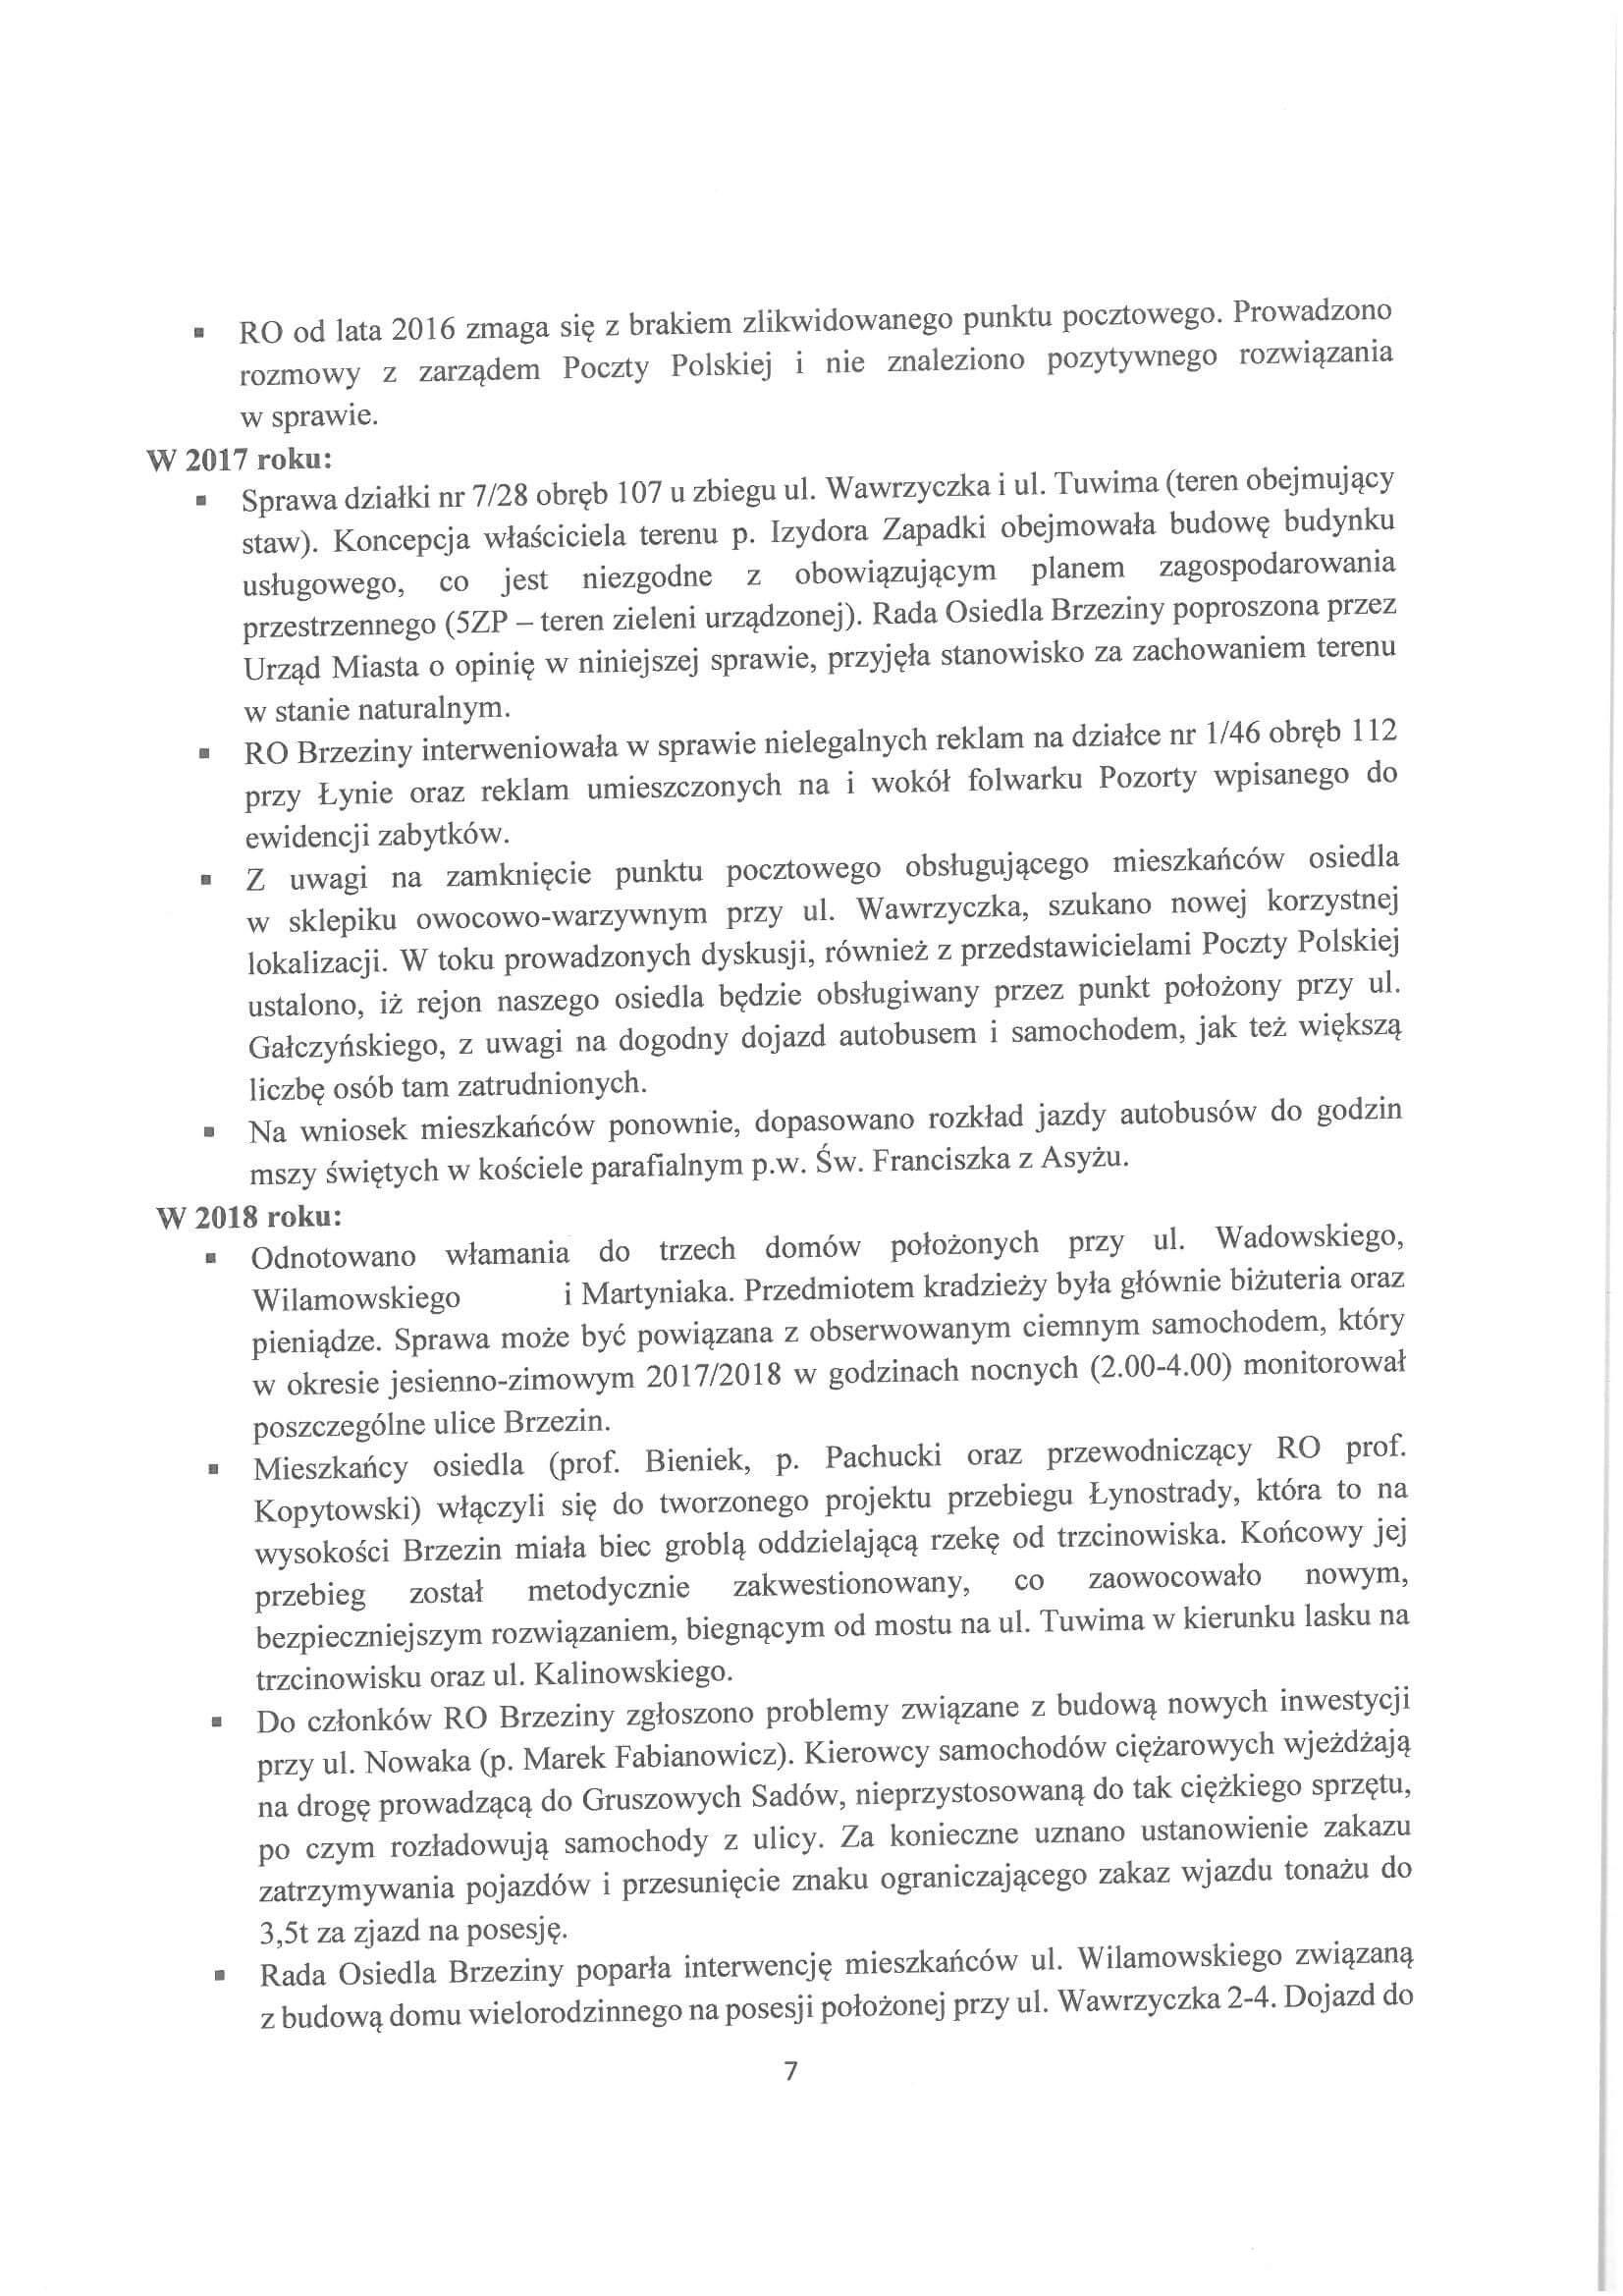 Sprawozdanie z działalności RO w latach 2015-2019-07